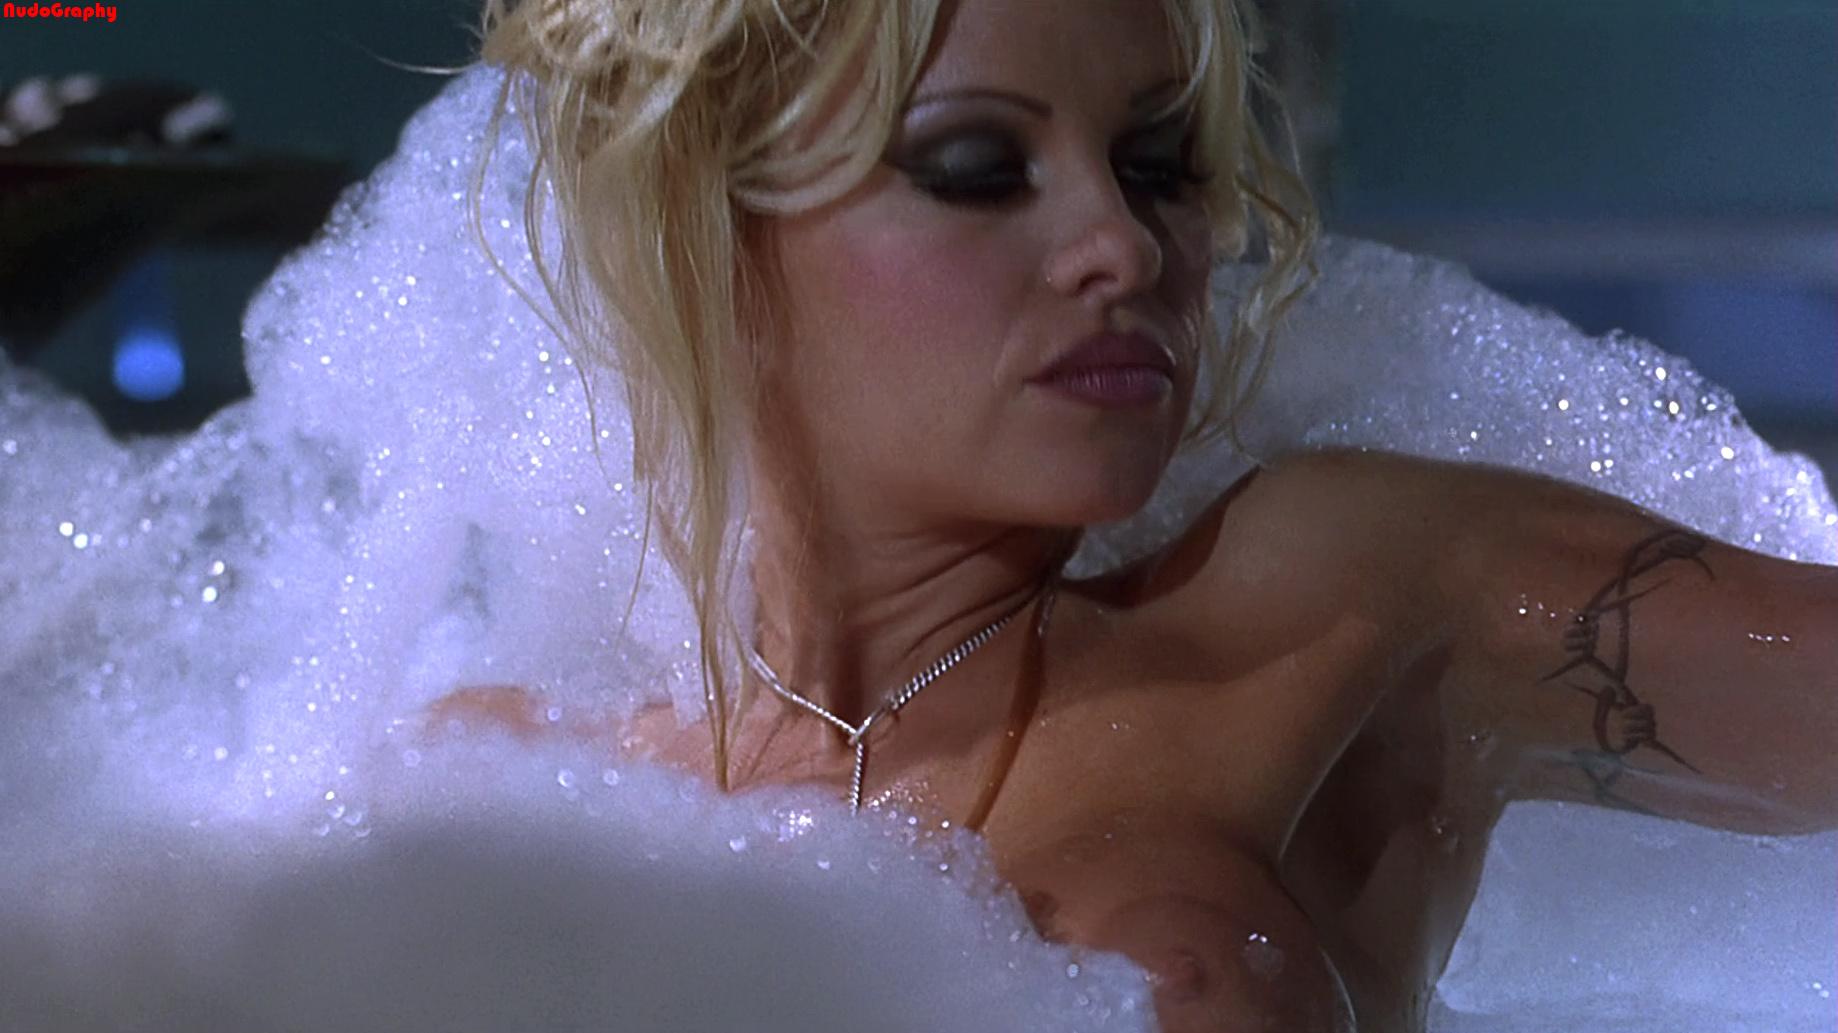 Head shaved pamela anderson sex scenes porn sex